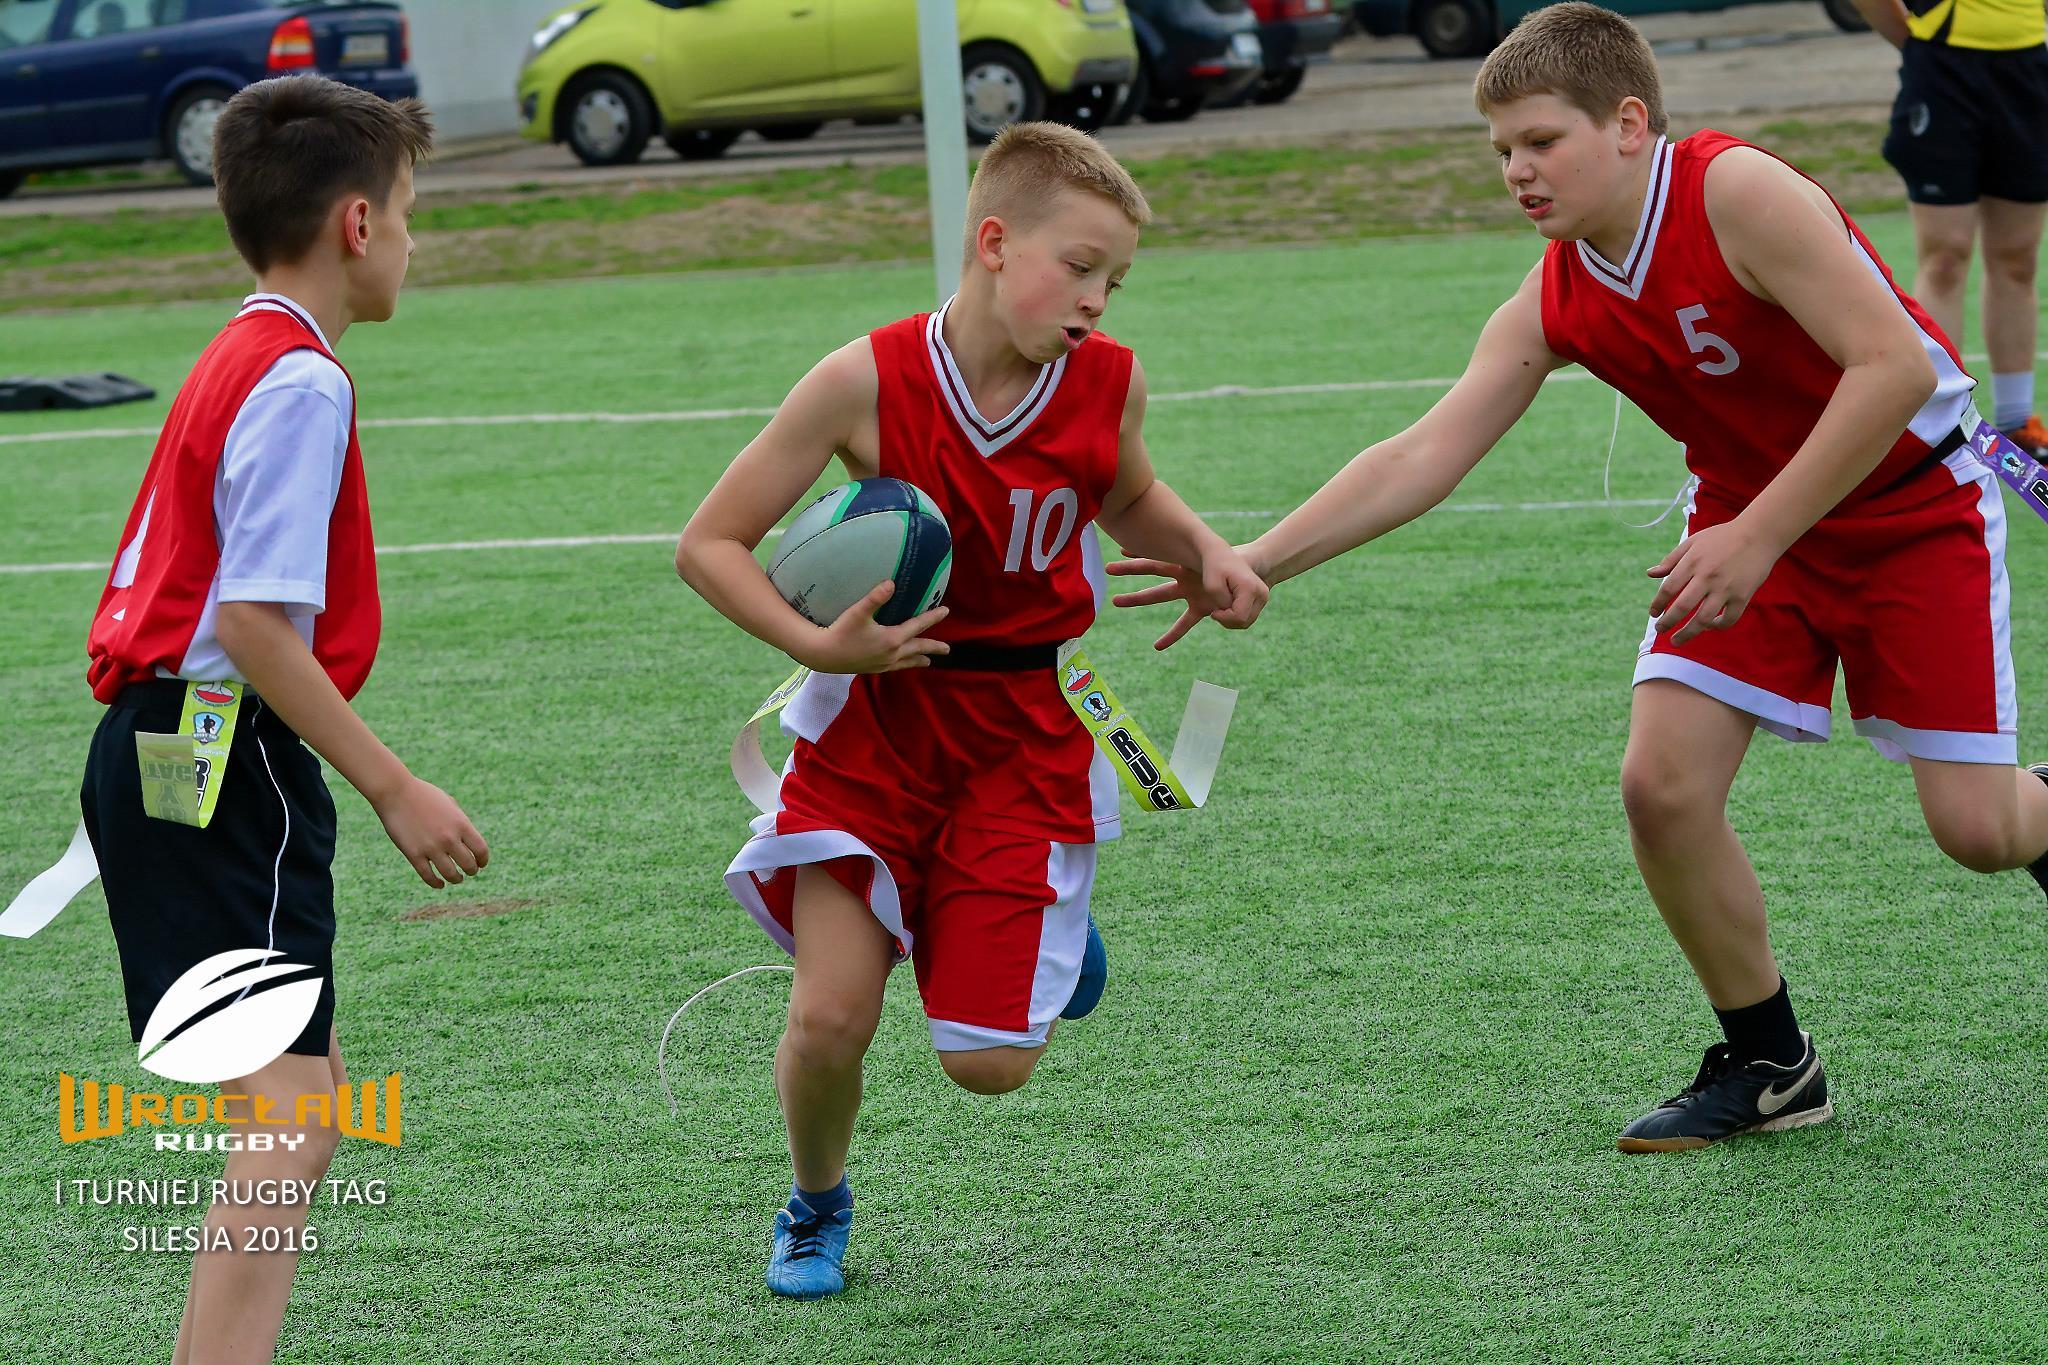 Szkolenie Instruktorskie Rugby Tag